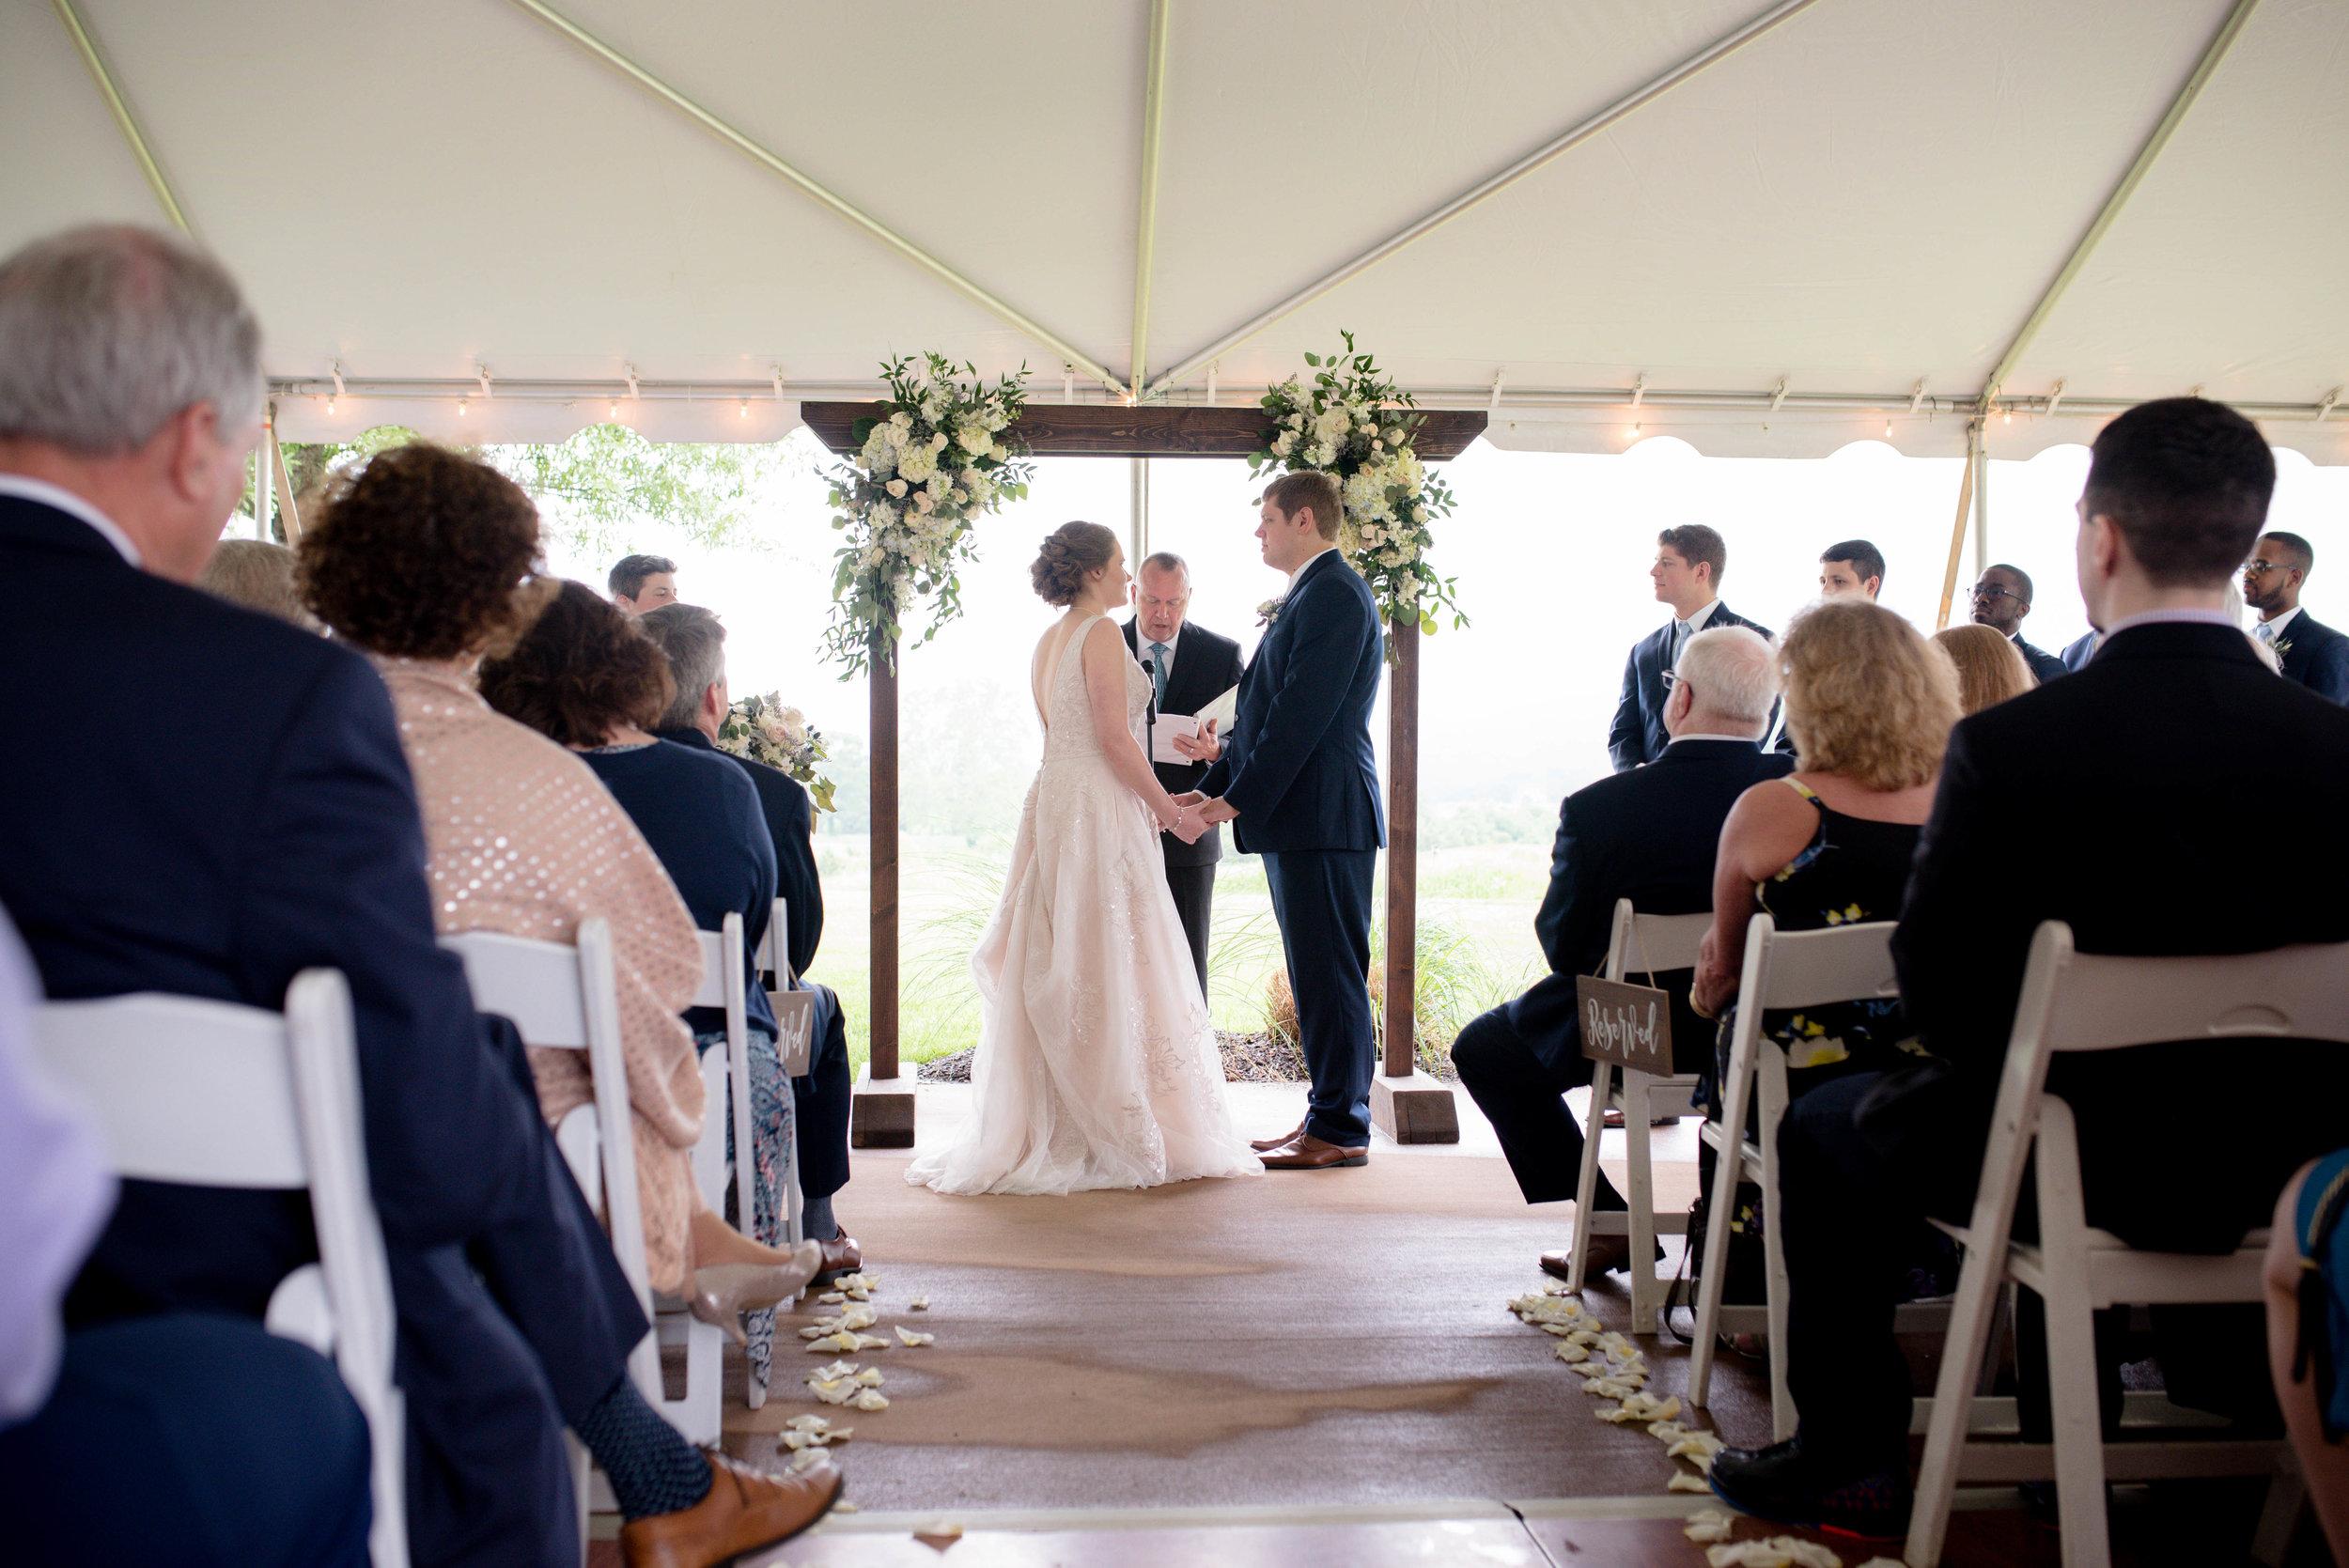 blue-ridge-wedding-ashley-nicole-photography-restoration-hall-crozetphotography-restorationhall-charlottesville-wedding_ceremony-59.jpg